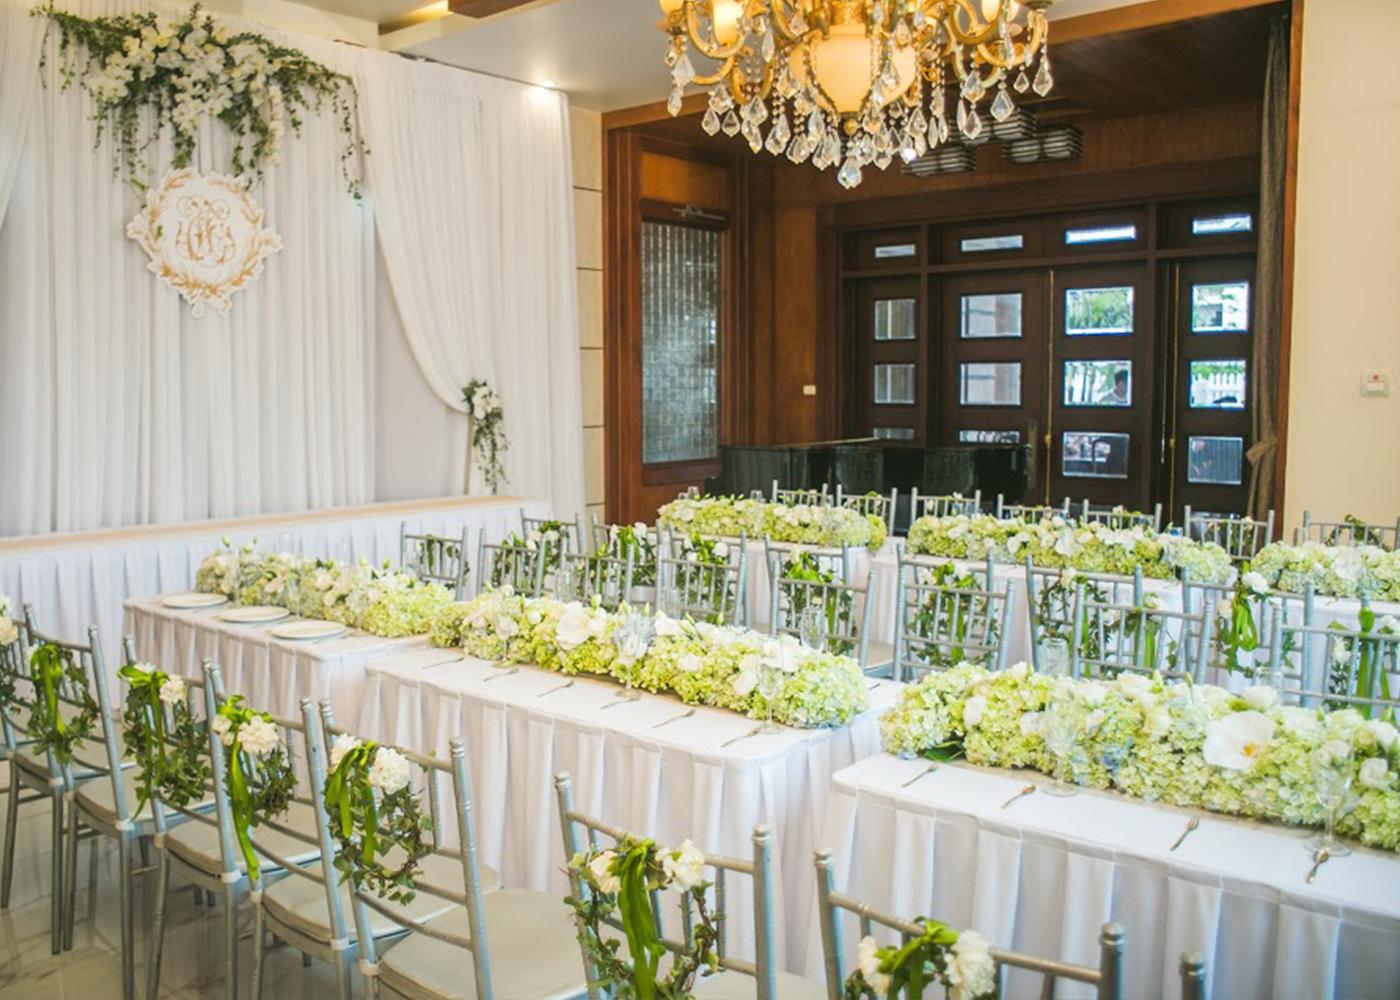 Tiện chủ, tiện khách chẳng cần đi xa với dịch vụ tiệc cưới tại nhà